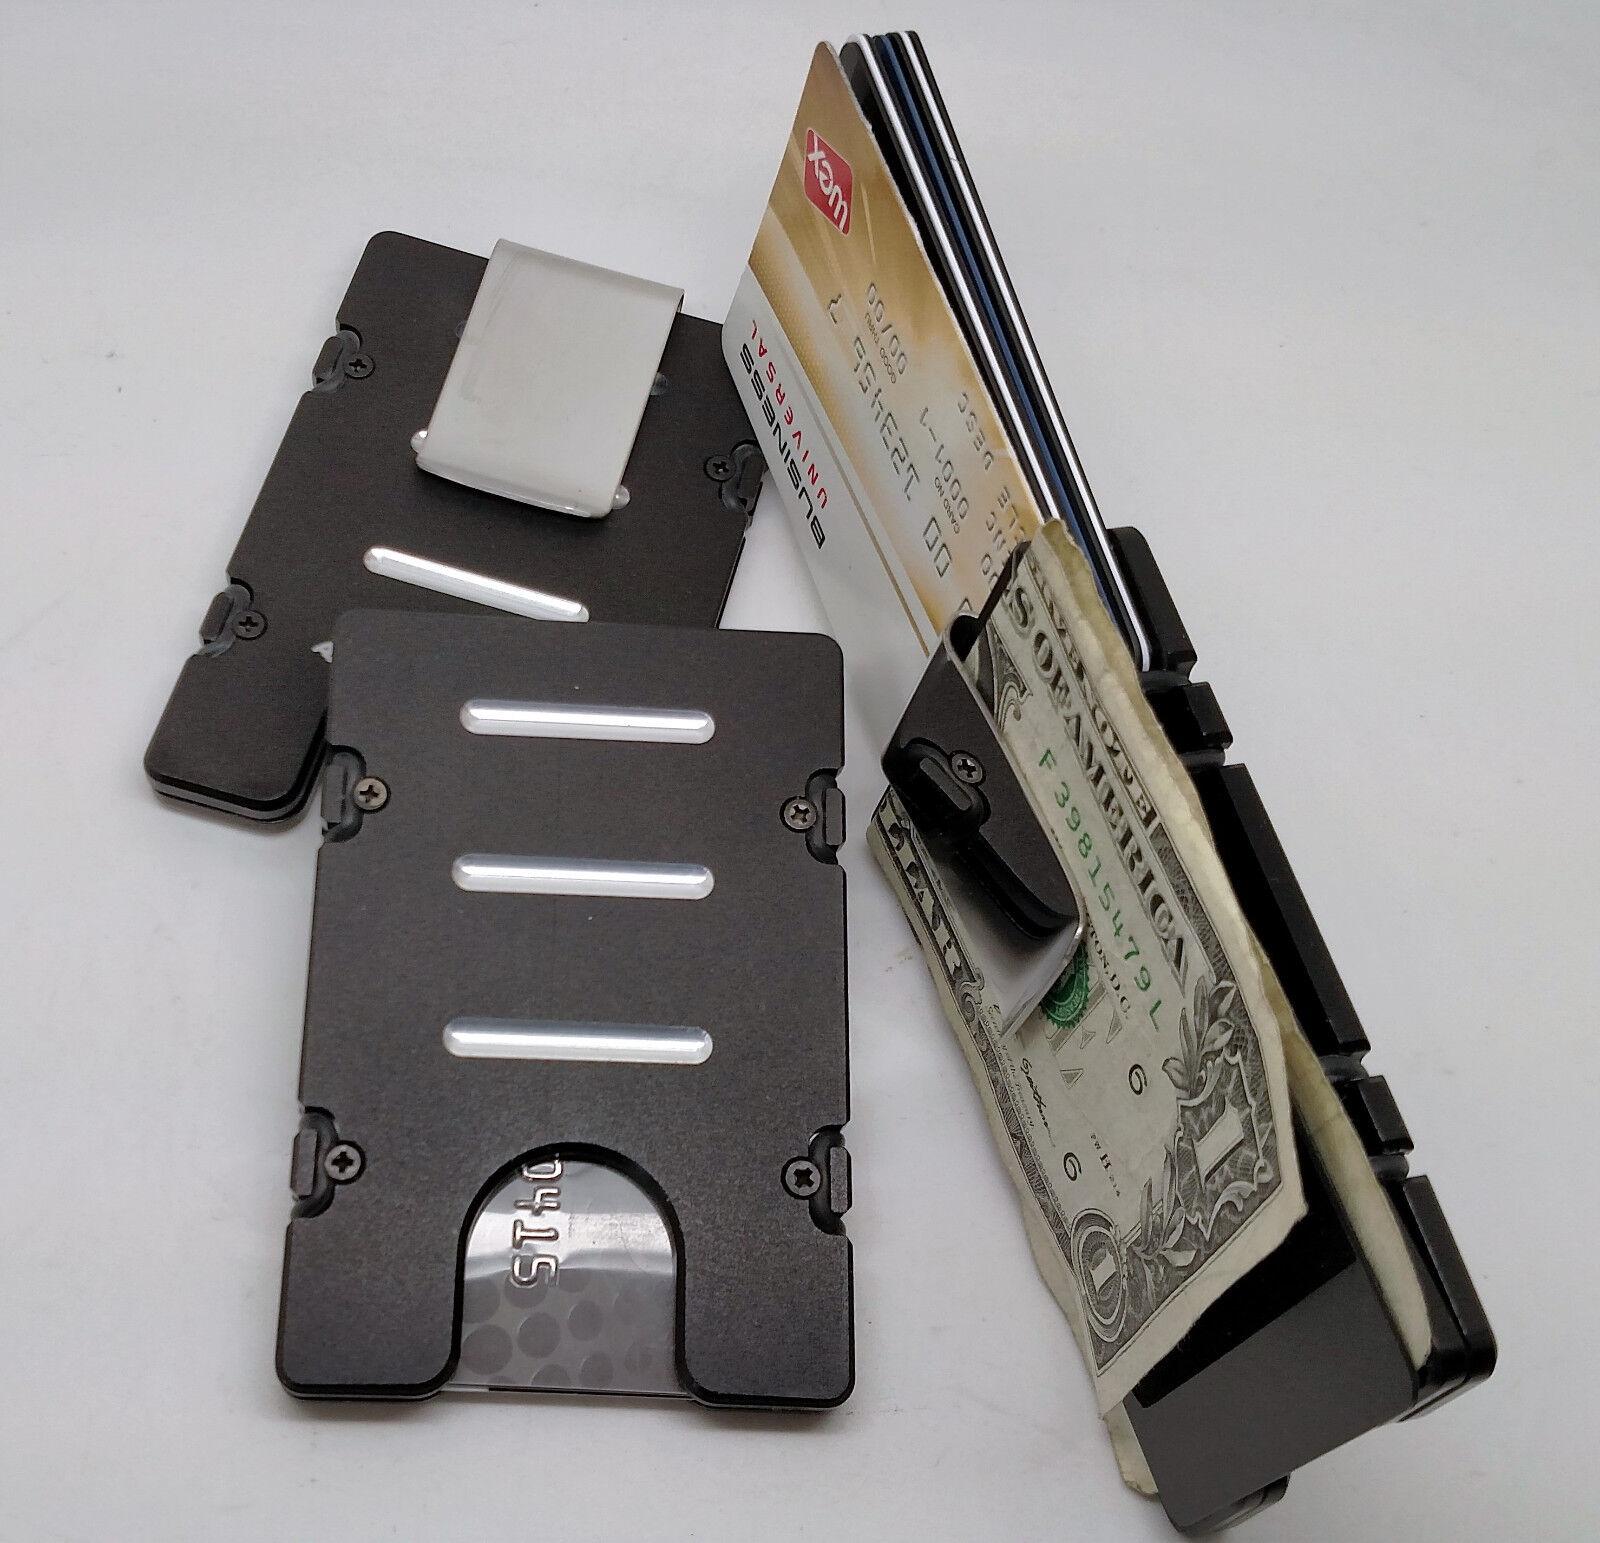 Standard Black, Aluminum Wallet/Credit Card Holder RFID Protection